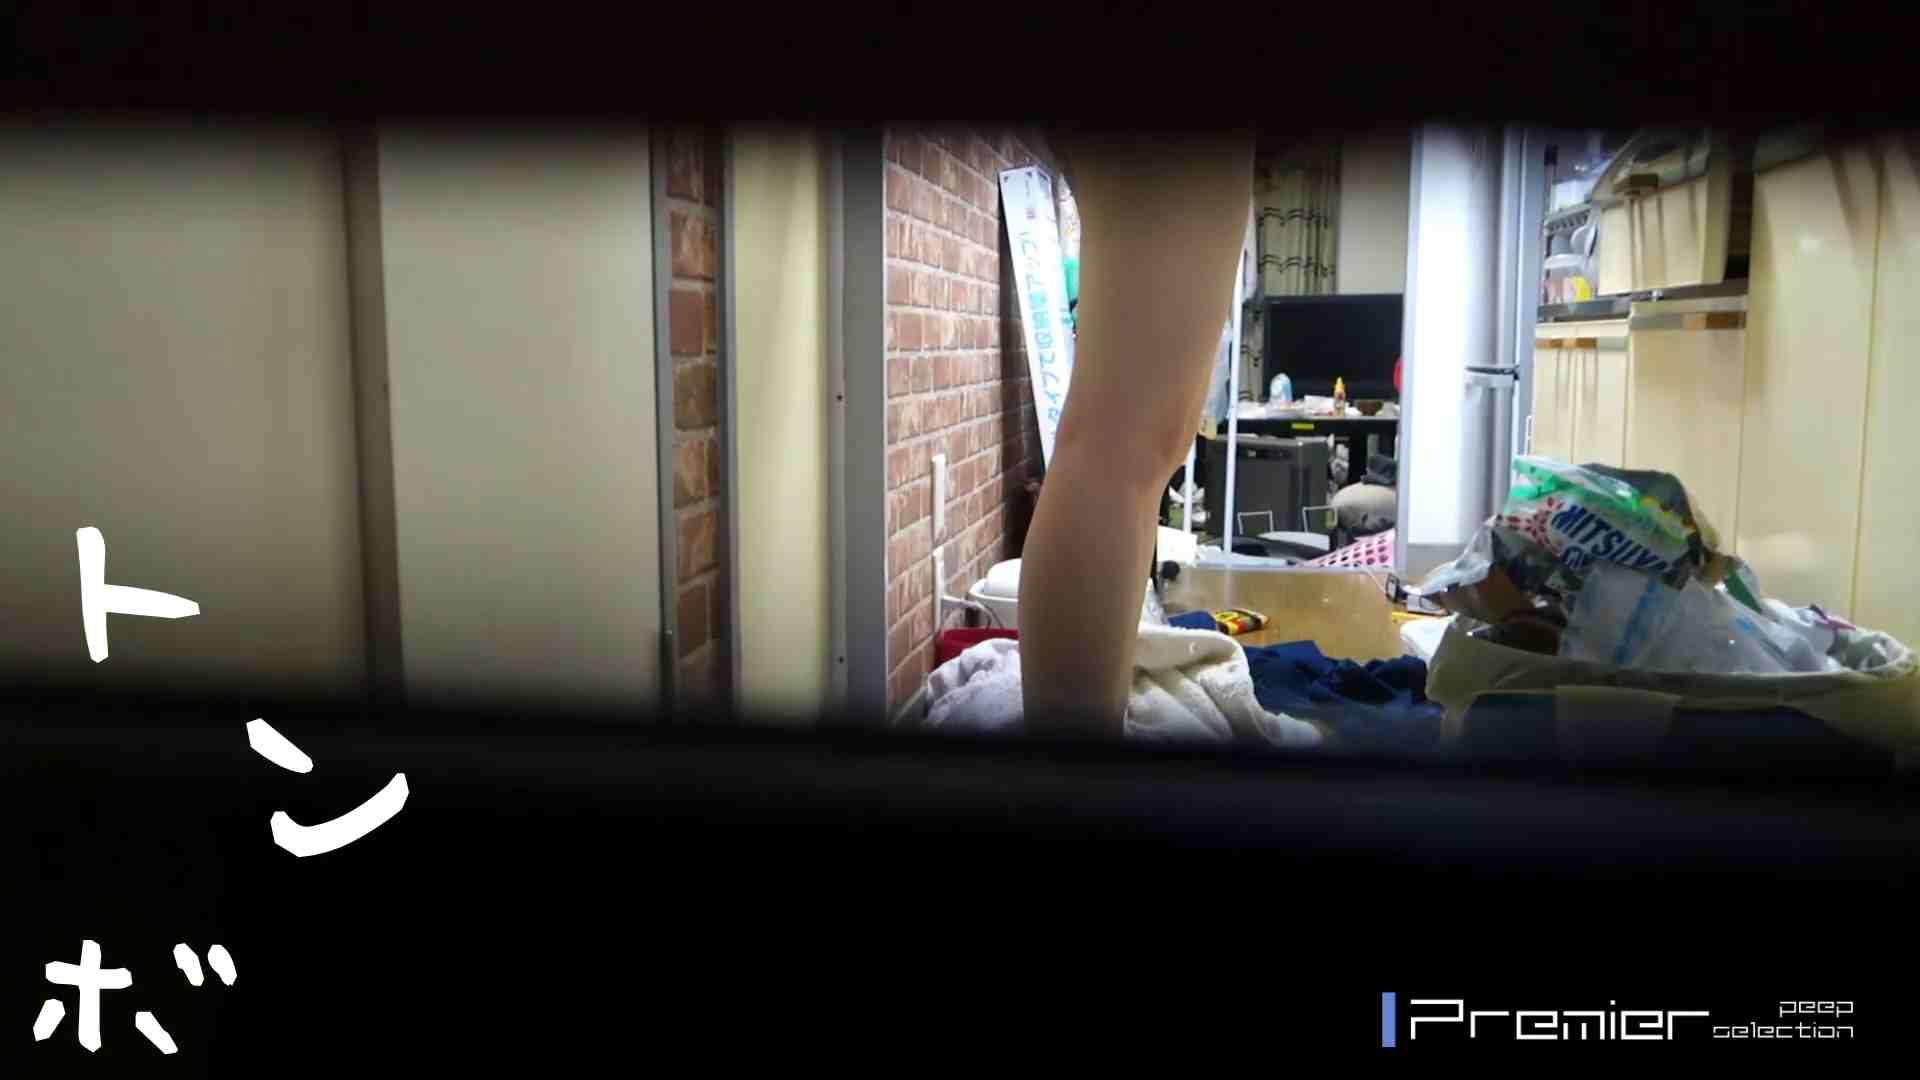 美女達の私生活に潜入!一人暮らし女子大生のマル秘プライベート プライベート映像お届け SEX無修正画像 64連発 19